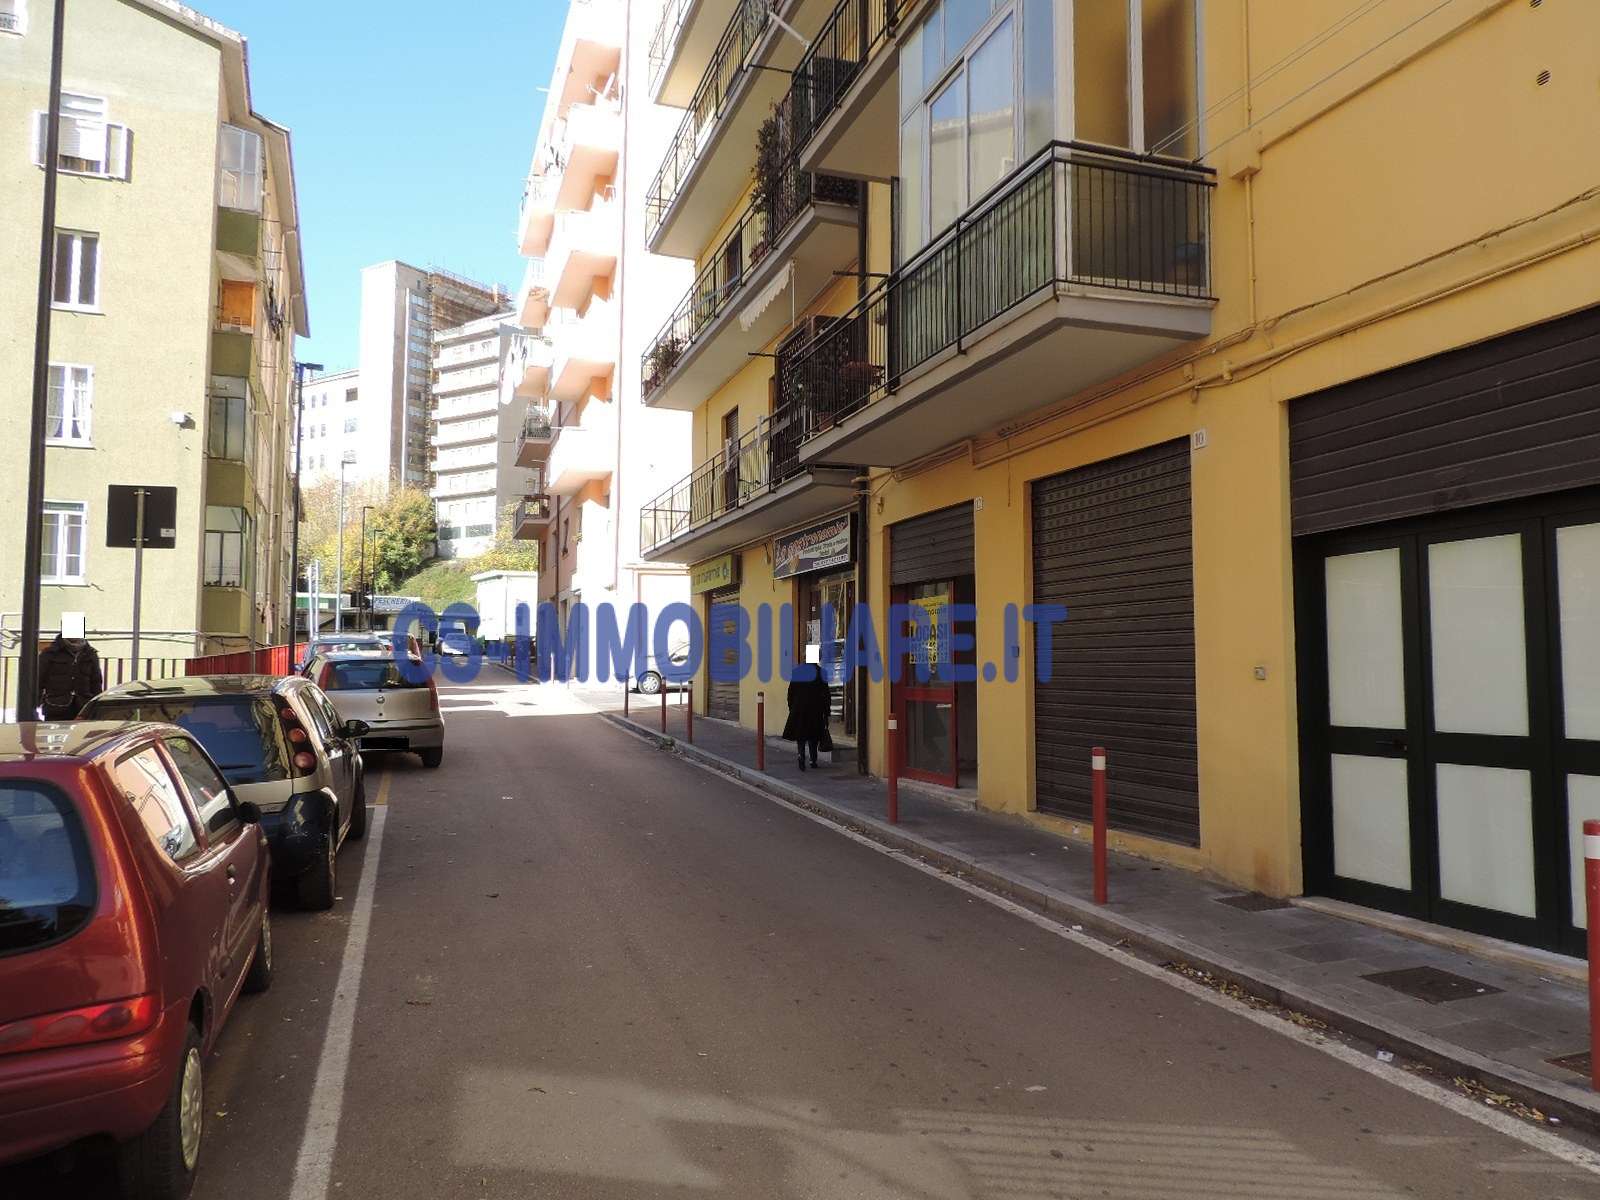 Negozio / Locale in affitto a Potenza, 9999 locali, zona Zona: Semicentro, prezzo € 500 | CambioCasa.it